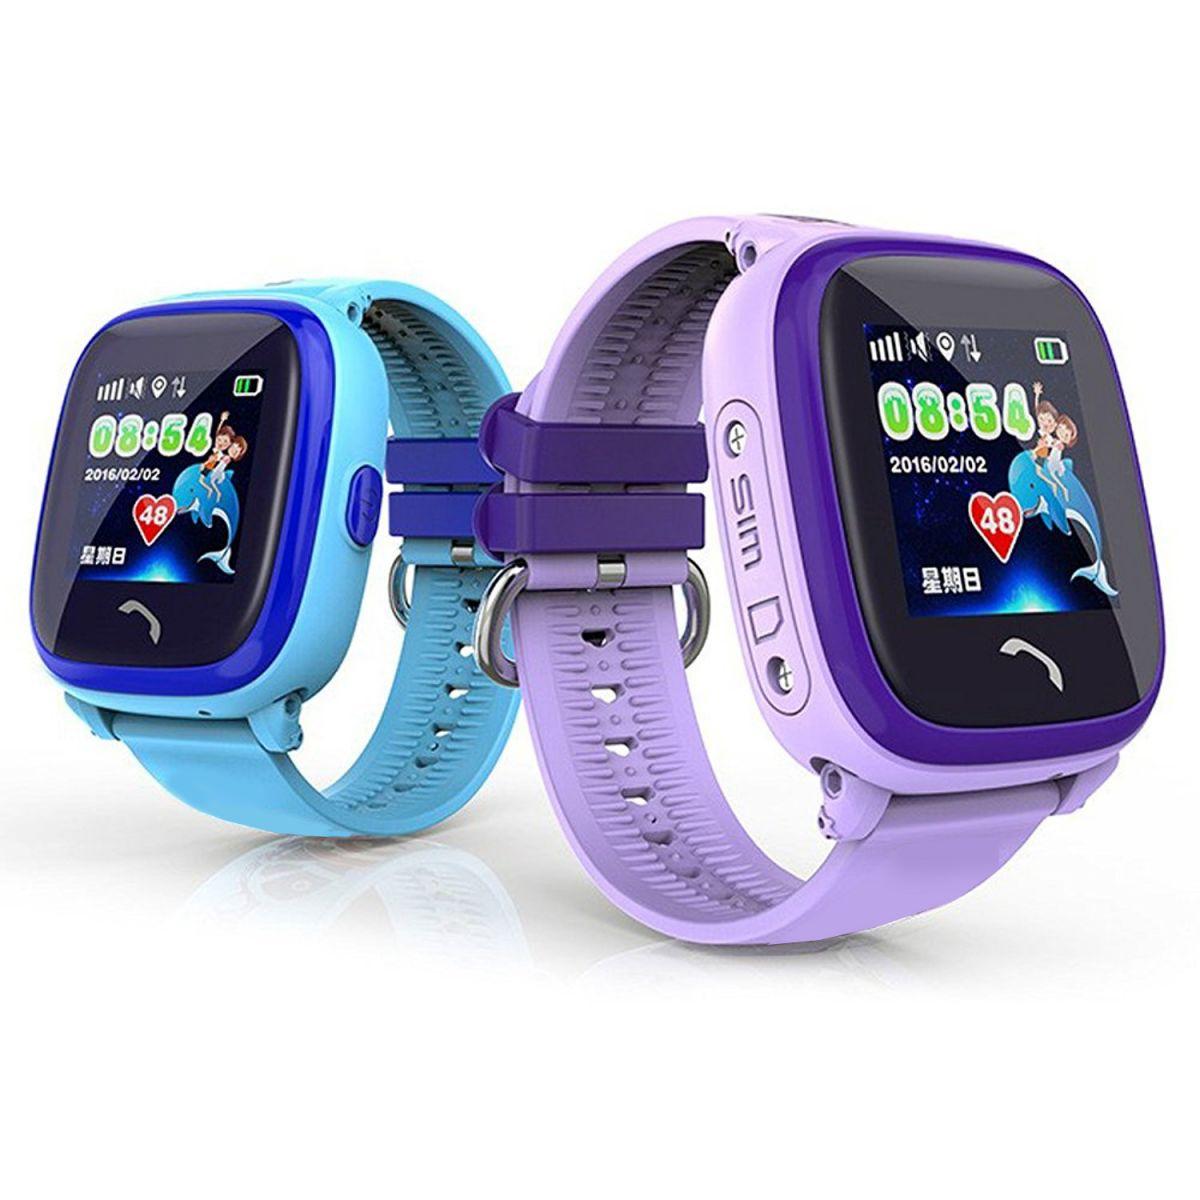 Đồng hồ thông minh uy tín cho bé